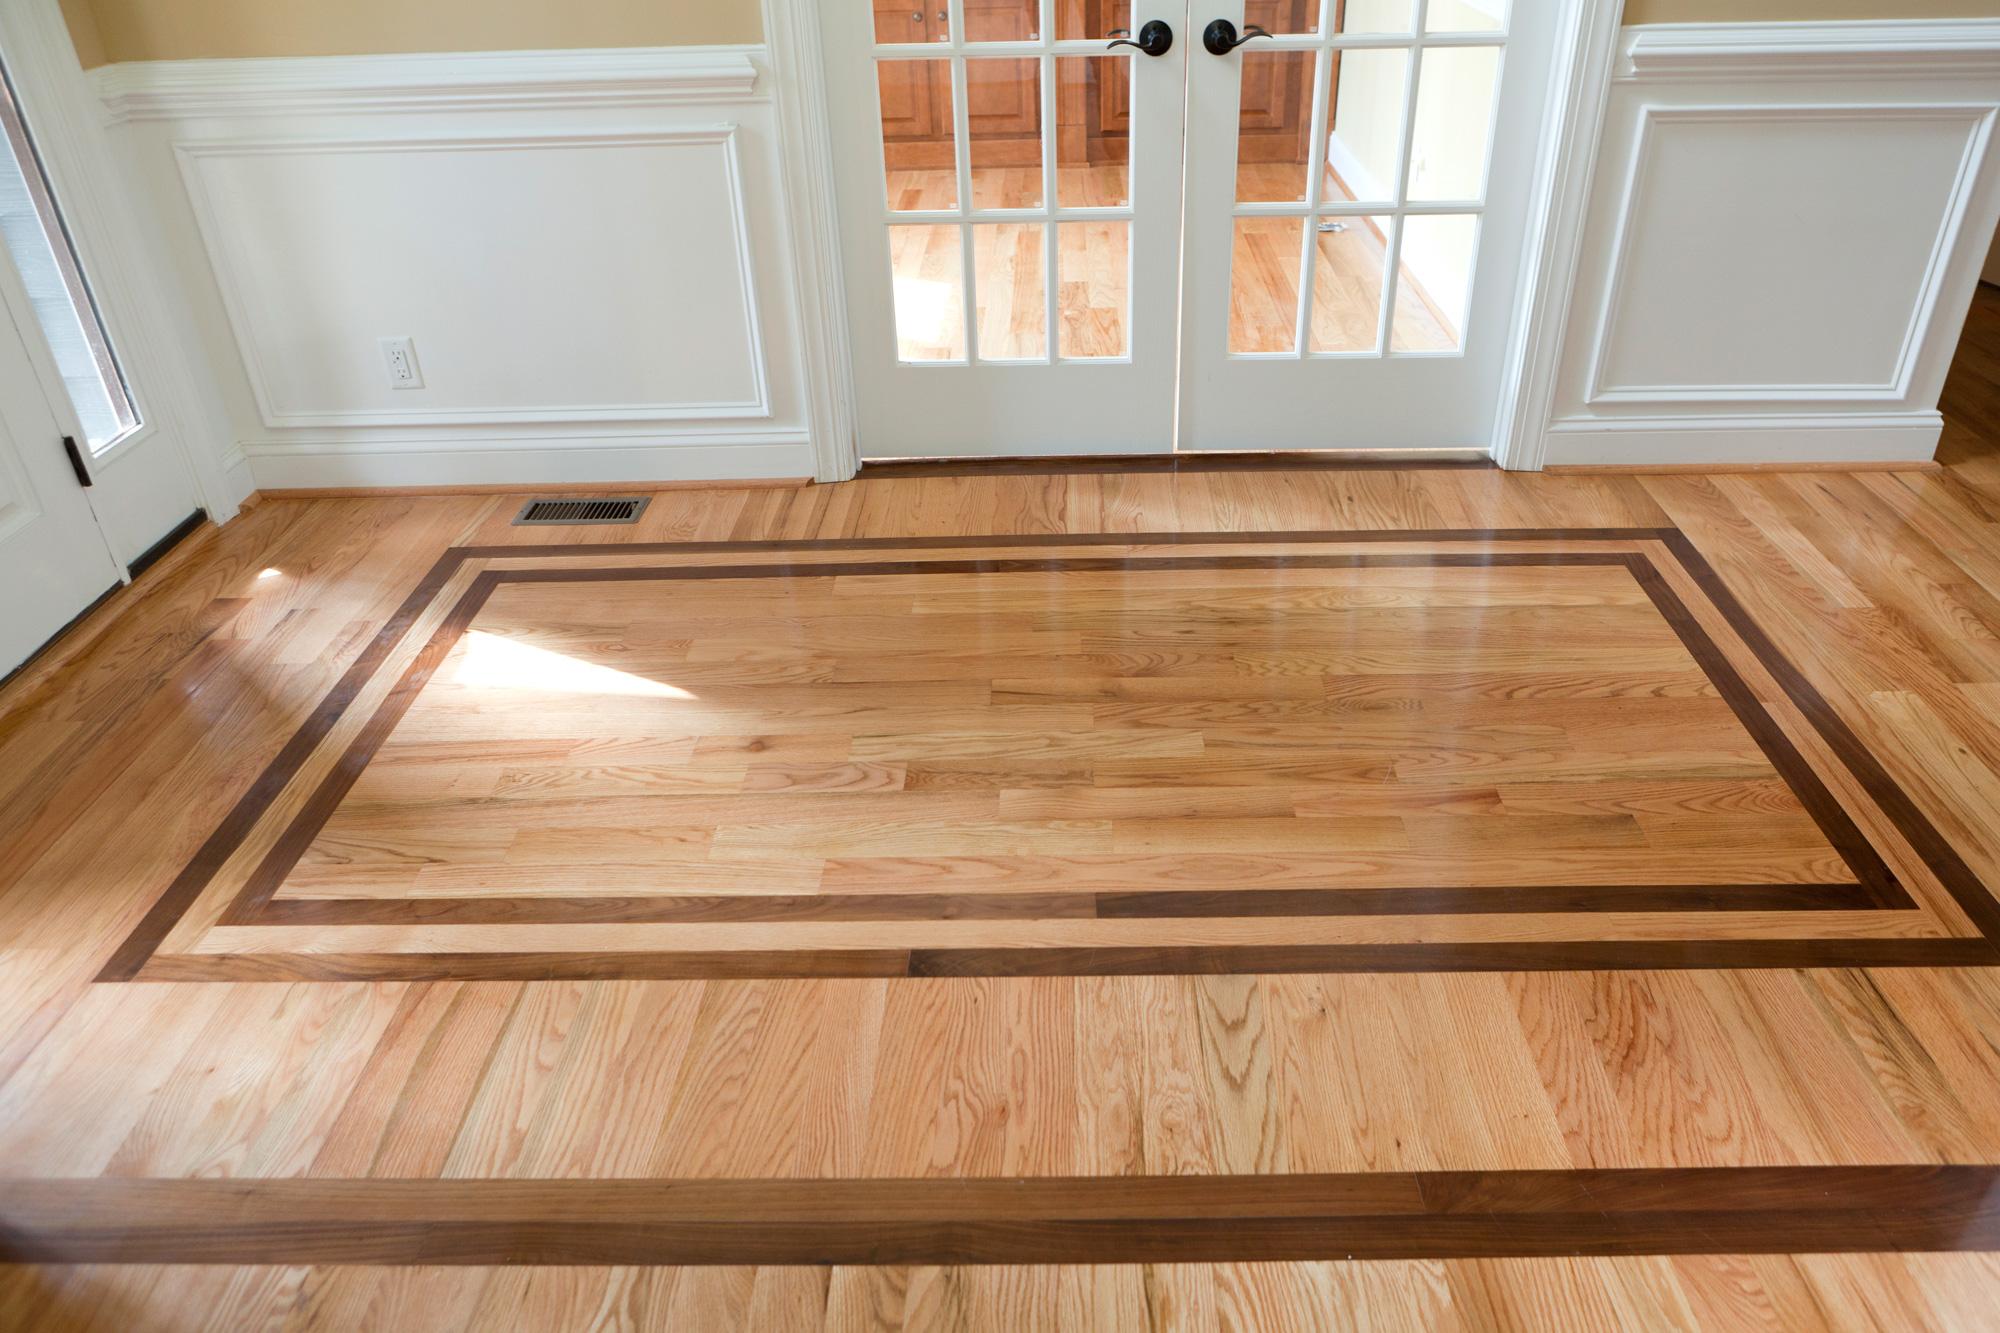 Hardwood Floor Design – ICMT SET : Bring the Hardwood Floor ...